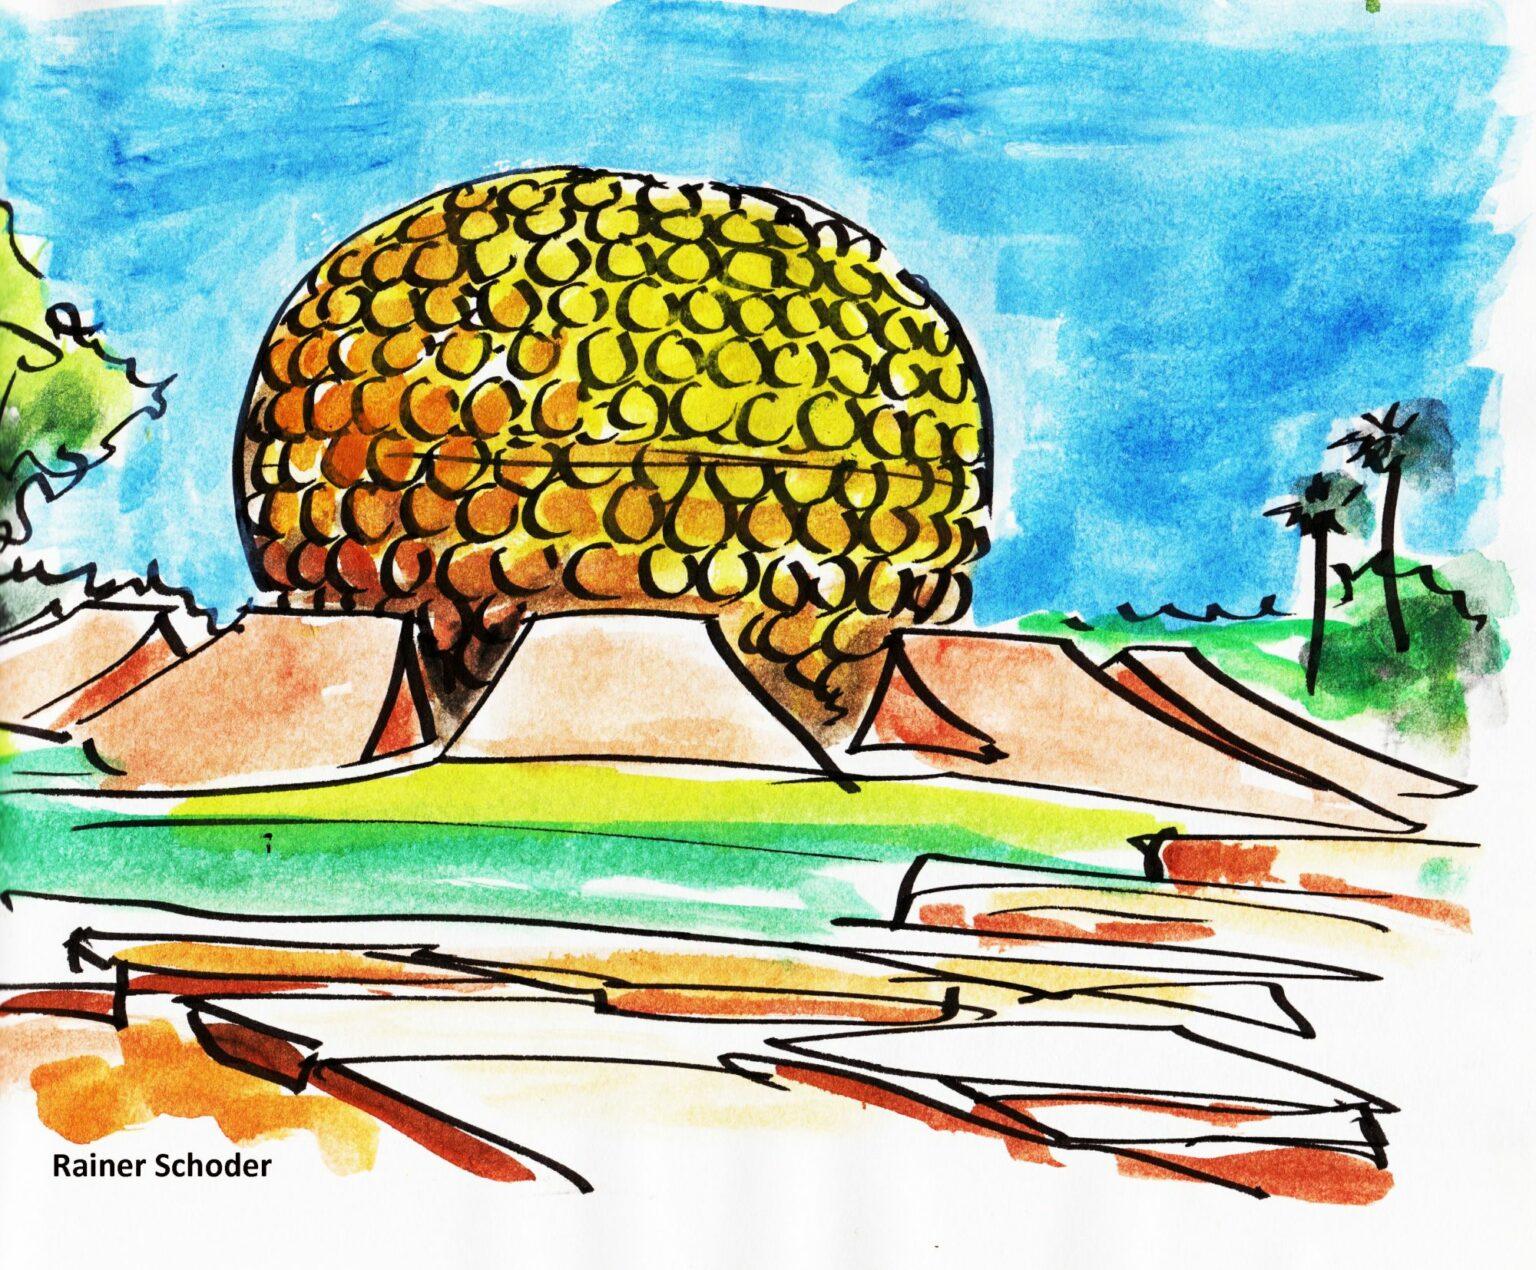 Auroville Matrimandir, Rainer Schoder